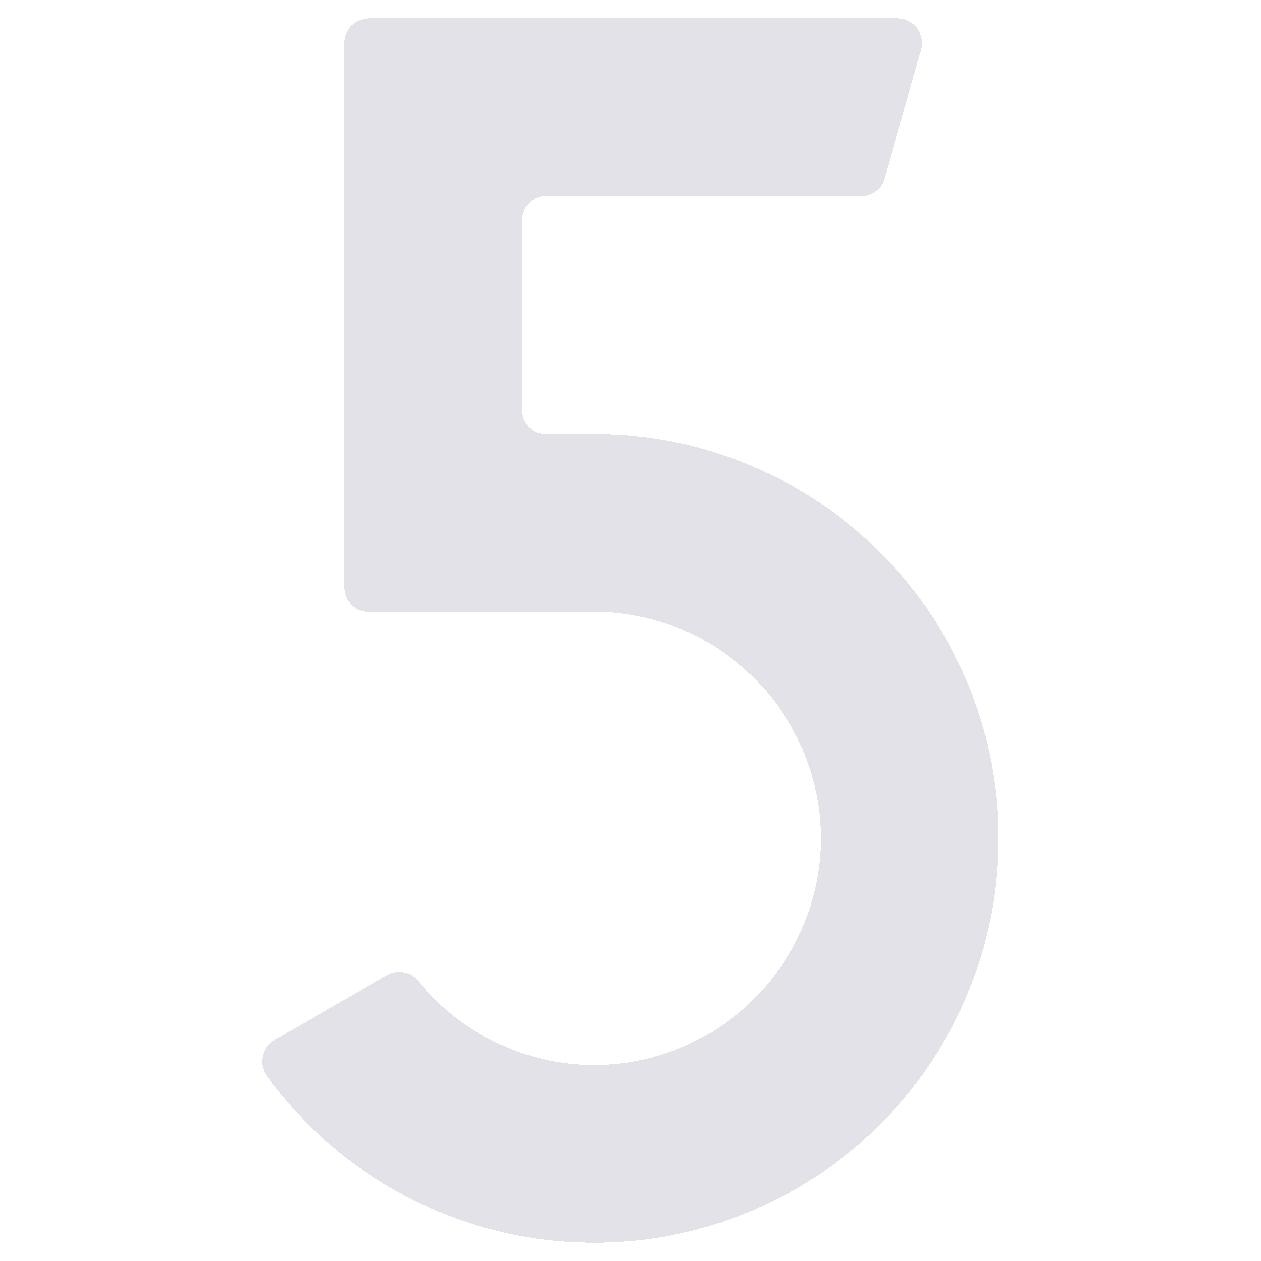 Nordhorn hausnummer 5 Hausnummer 5